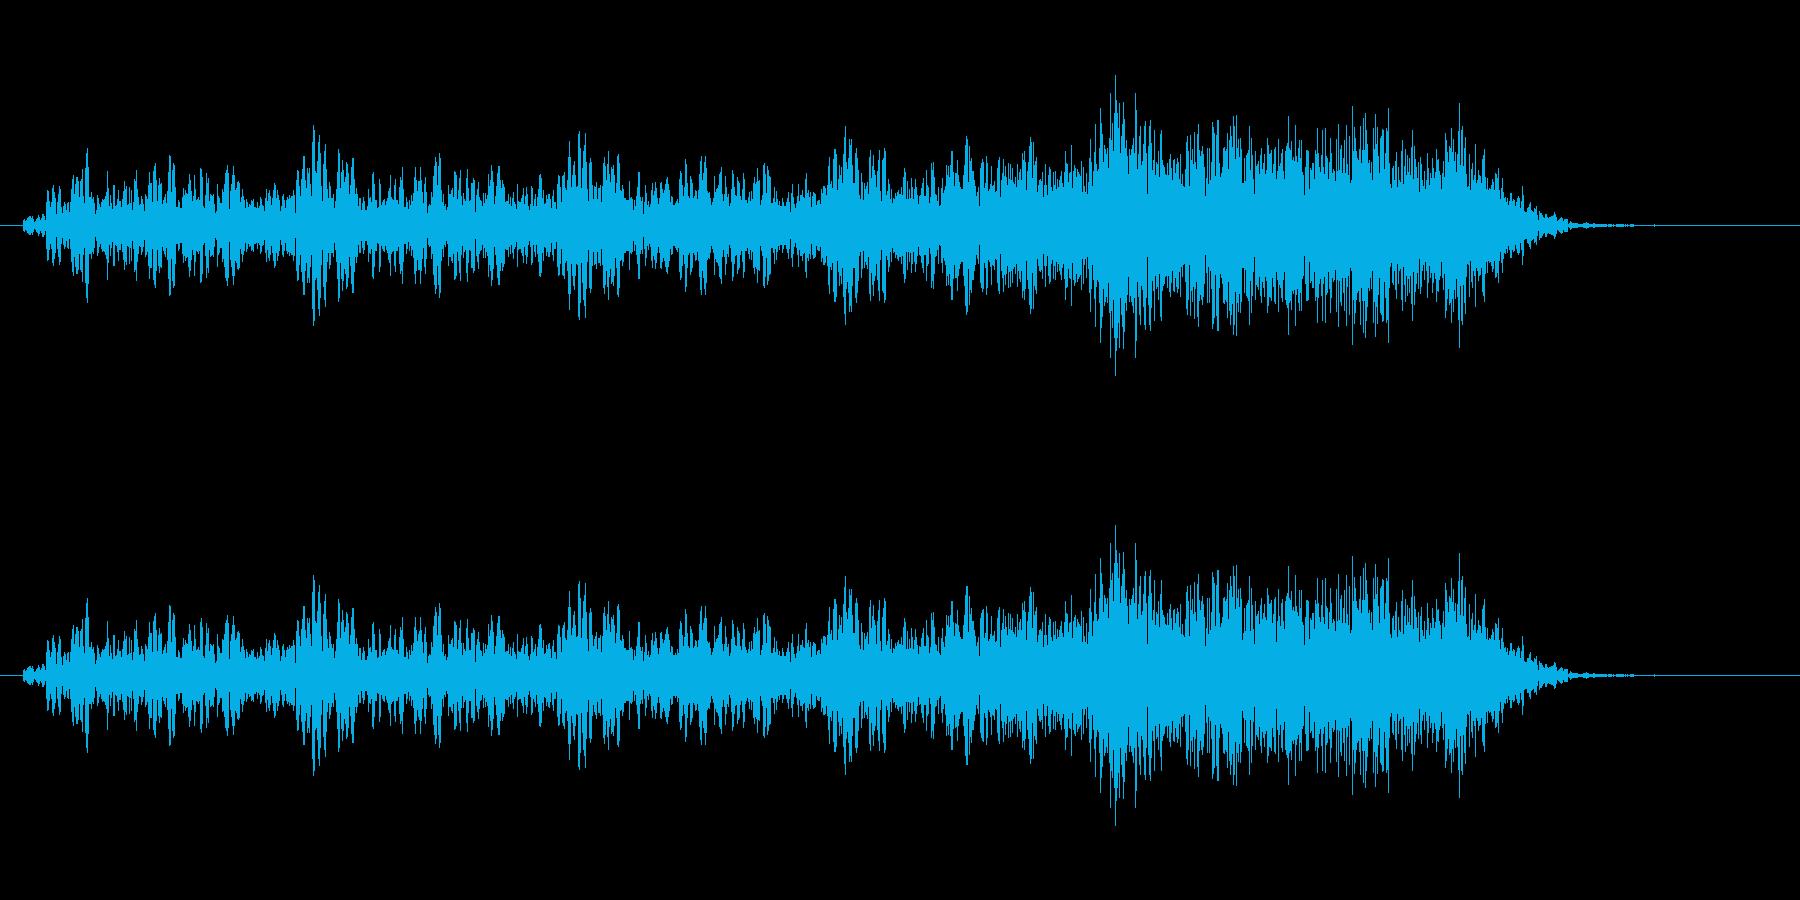 ヒュインヒュイン(風が舞い上がる音)の再生済みの波形